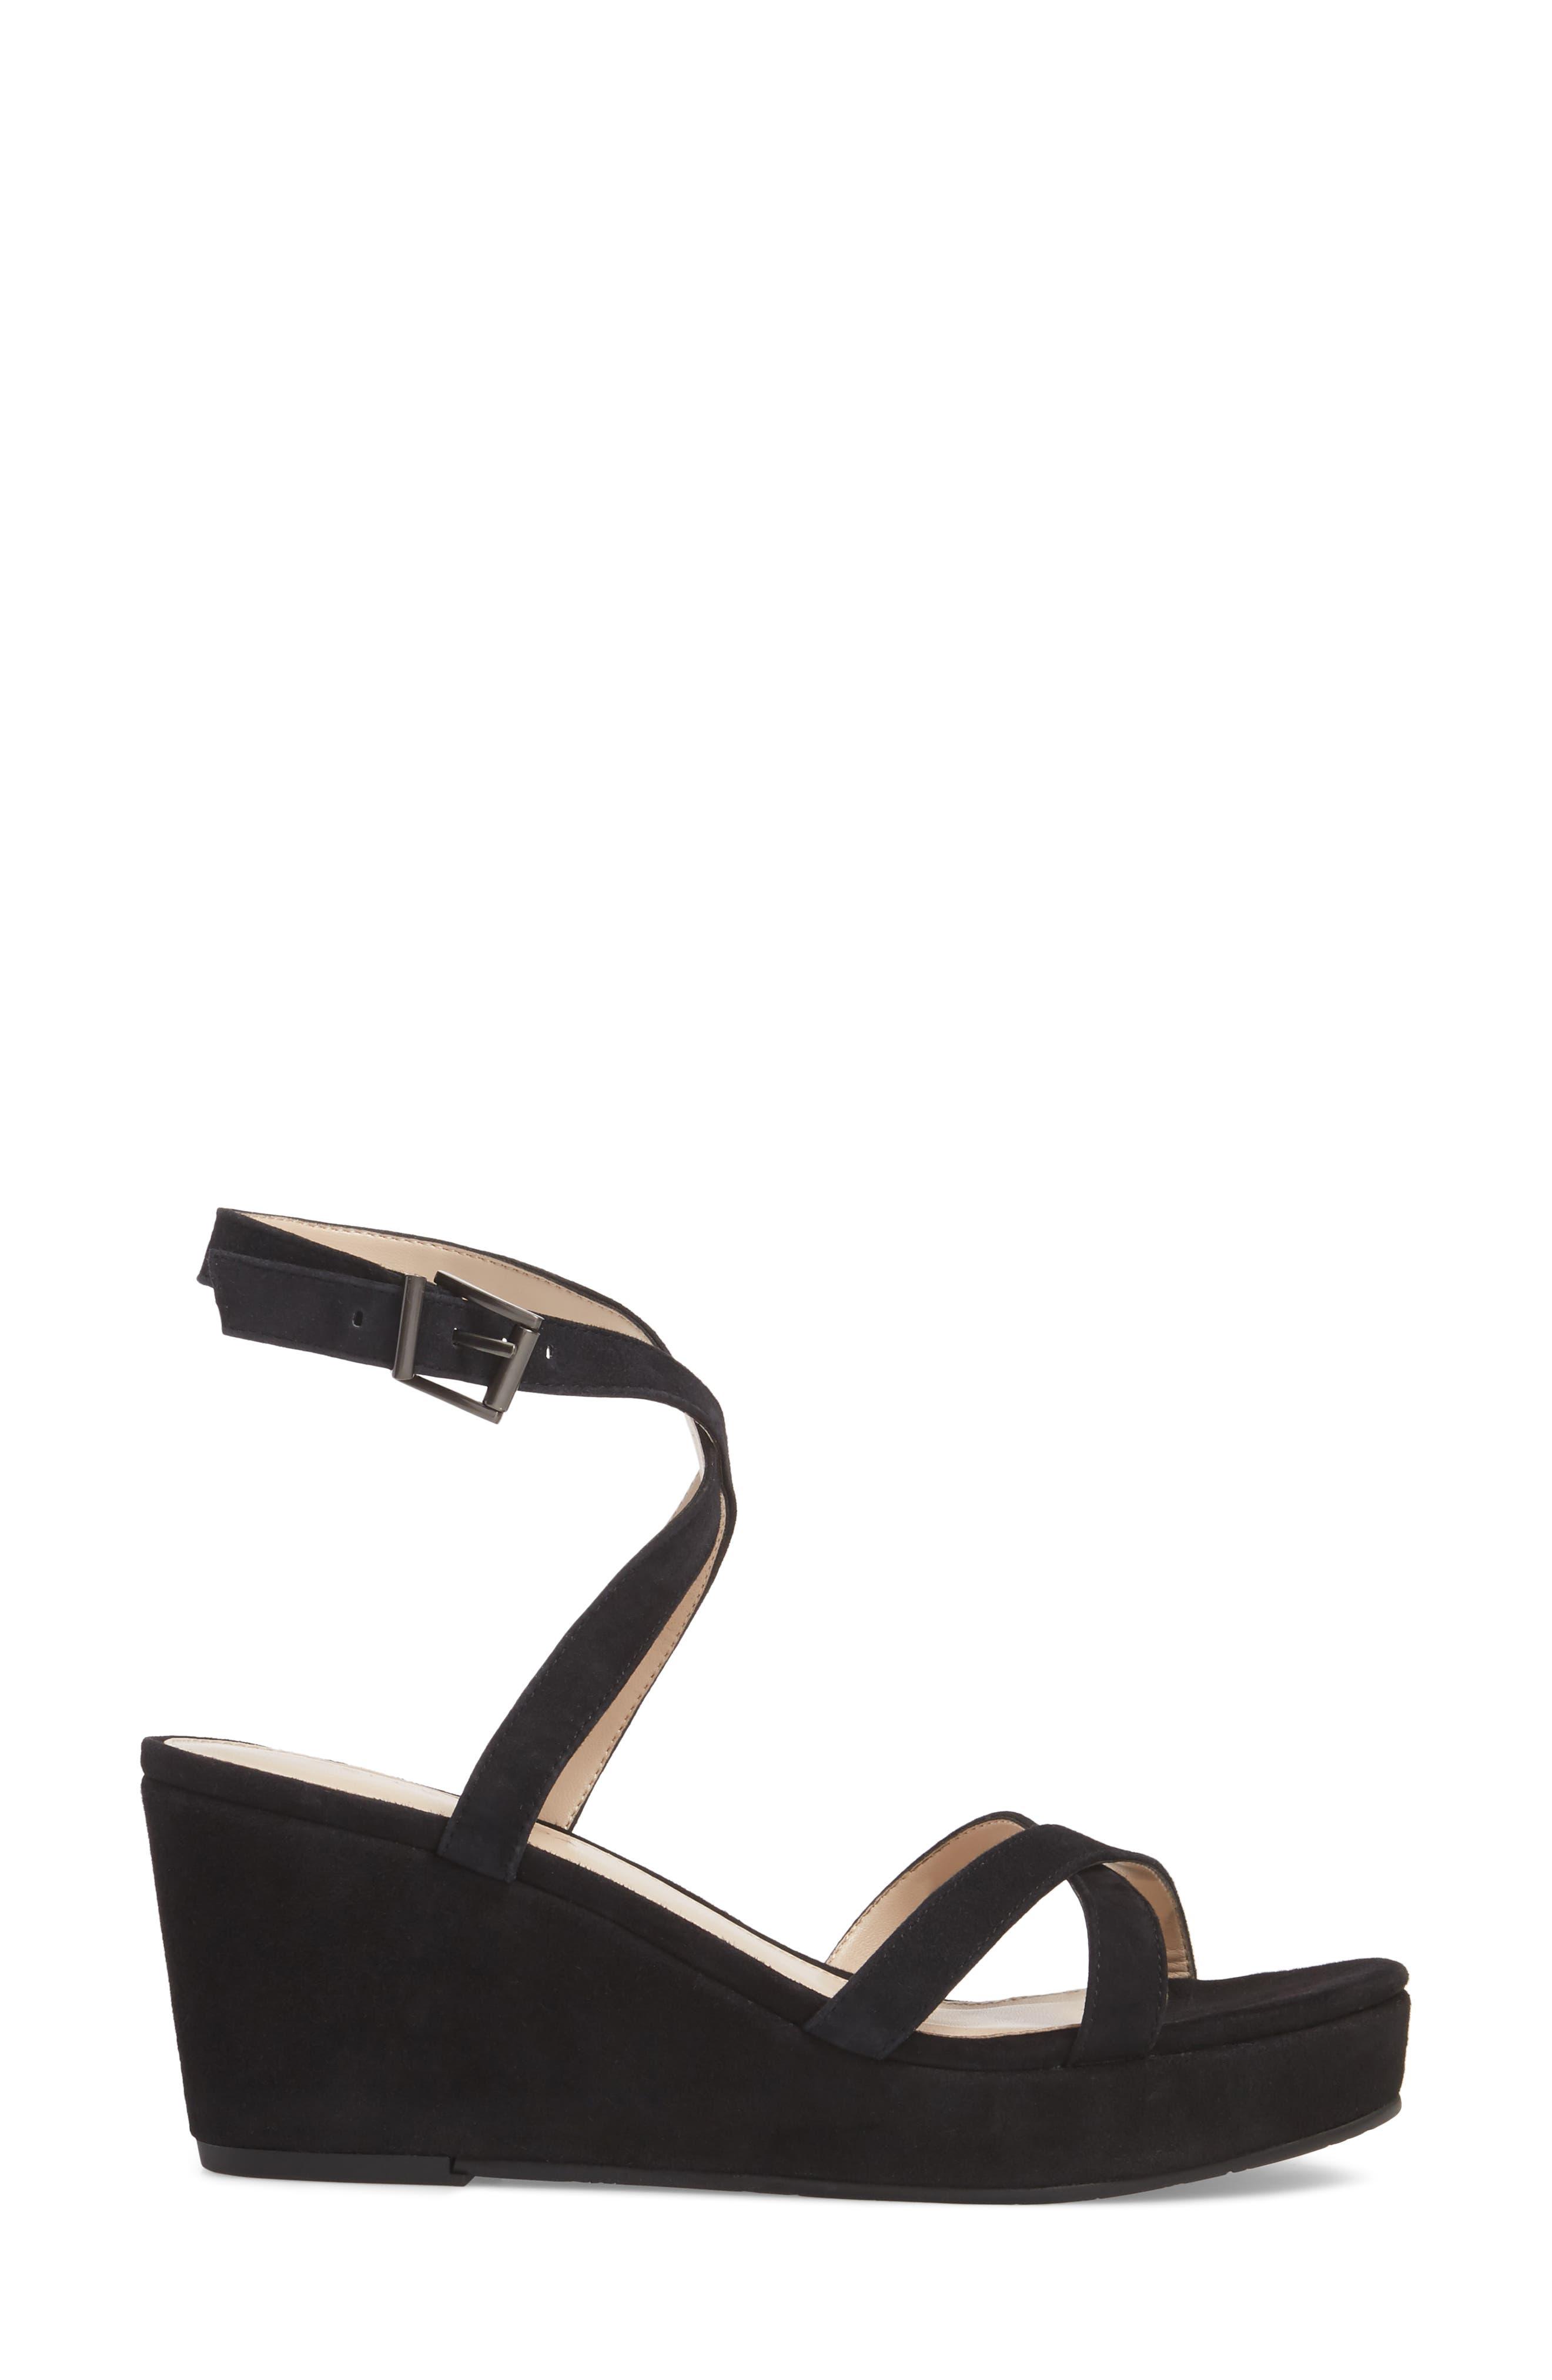 Keo2 Platform Wedge Sandal,                             Alternate thumbnail 3, color,                             BLACK SUEDE